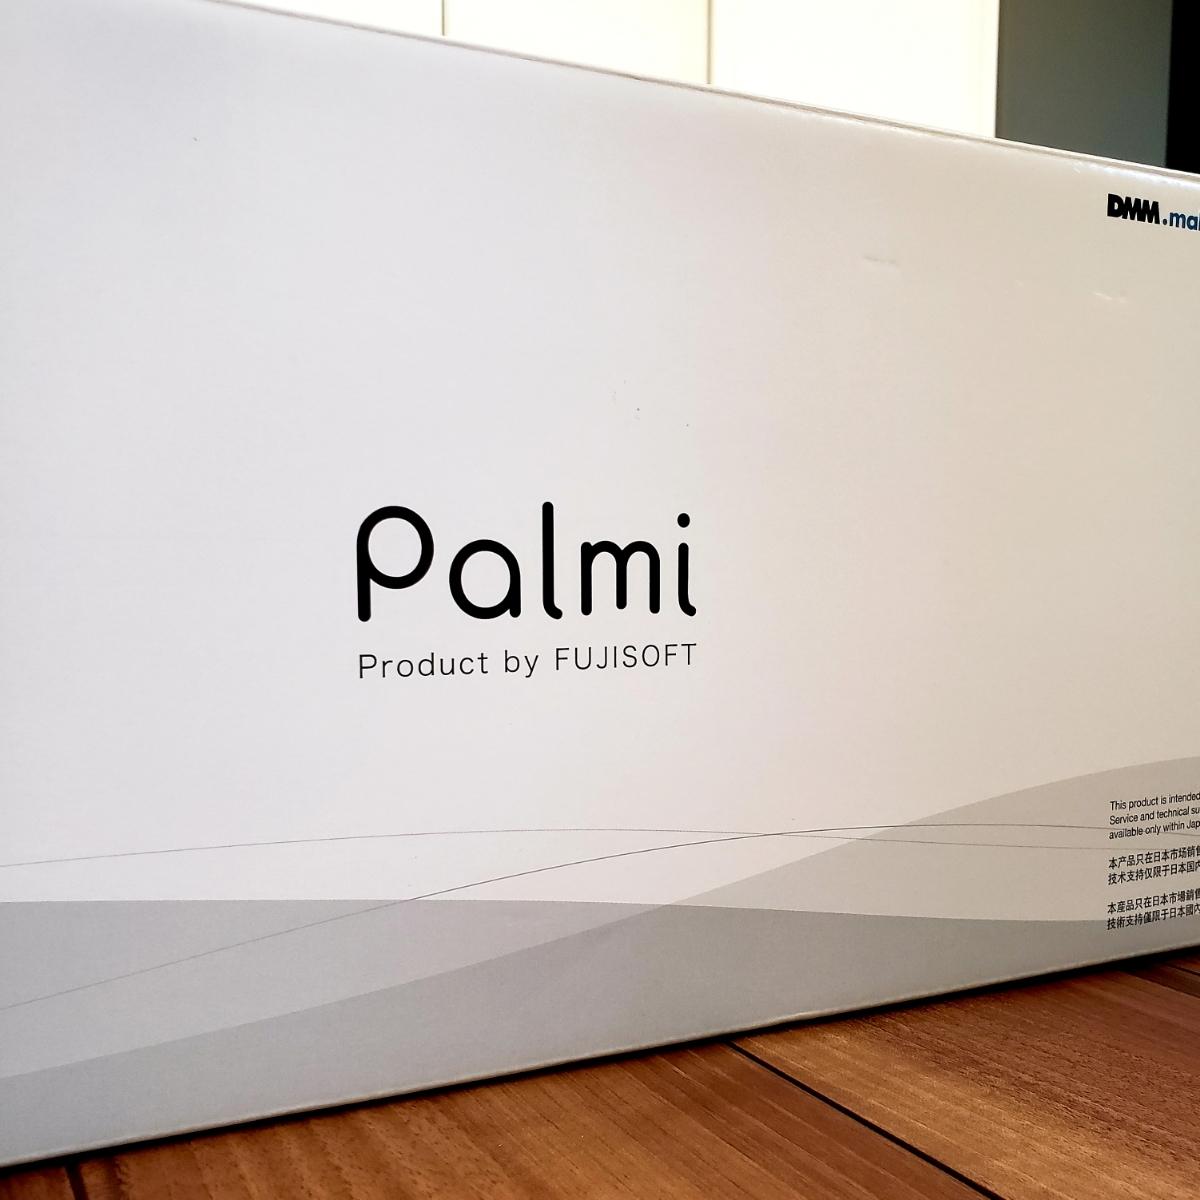 【美品・送料無料・即決あり】DMM make ROBOTS/FUJISOFT Palmi(パルミー) 二足歩行ロボット PRT-D004JW 購入価格32万円_画像10